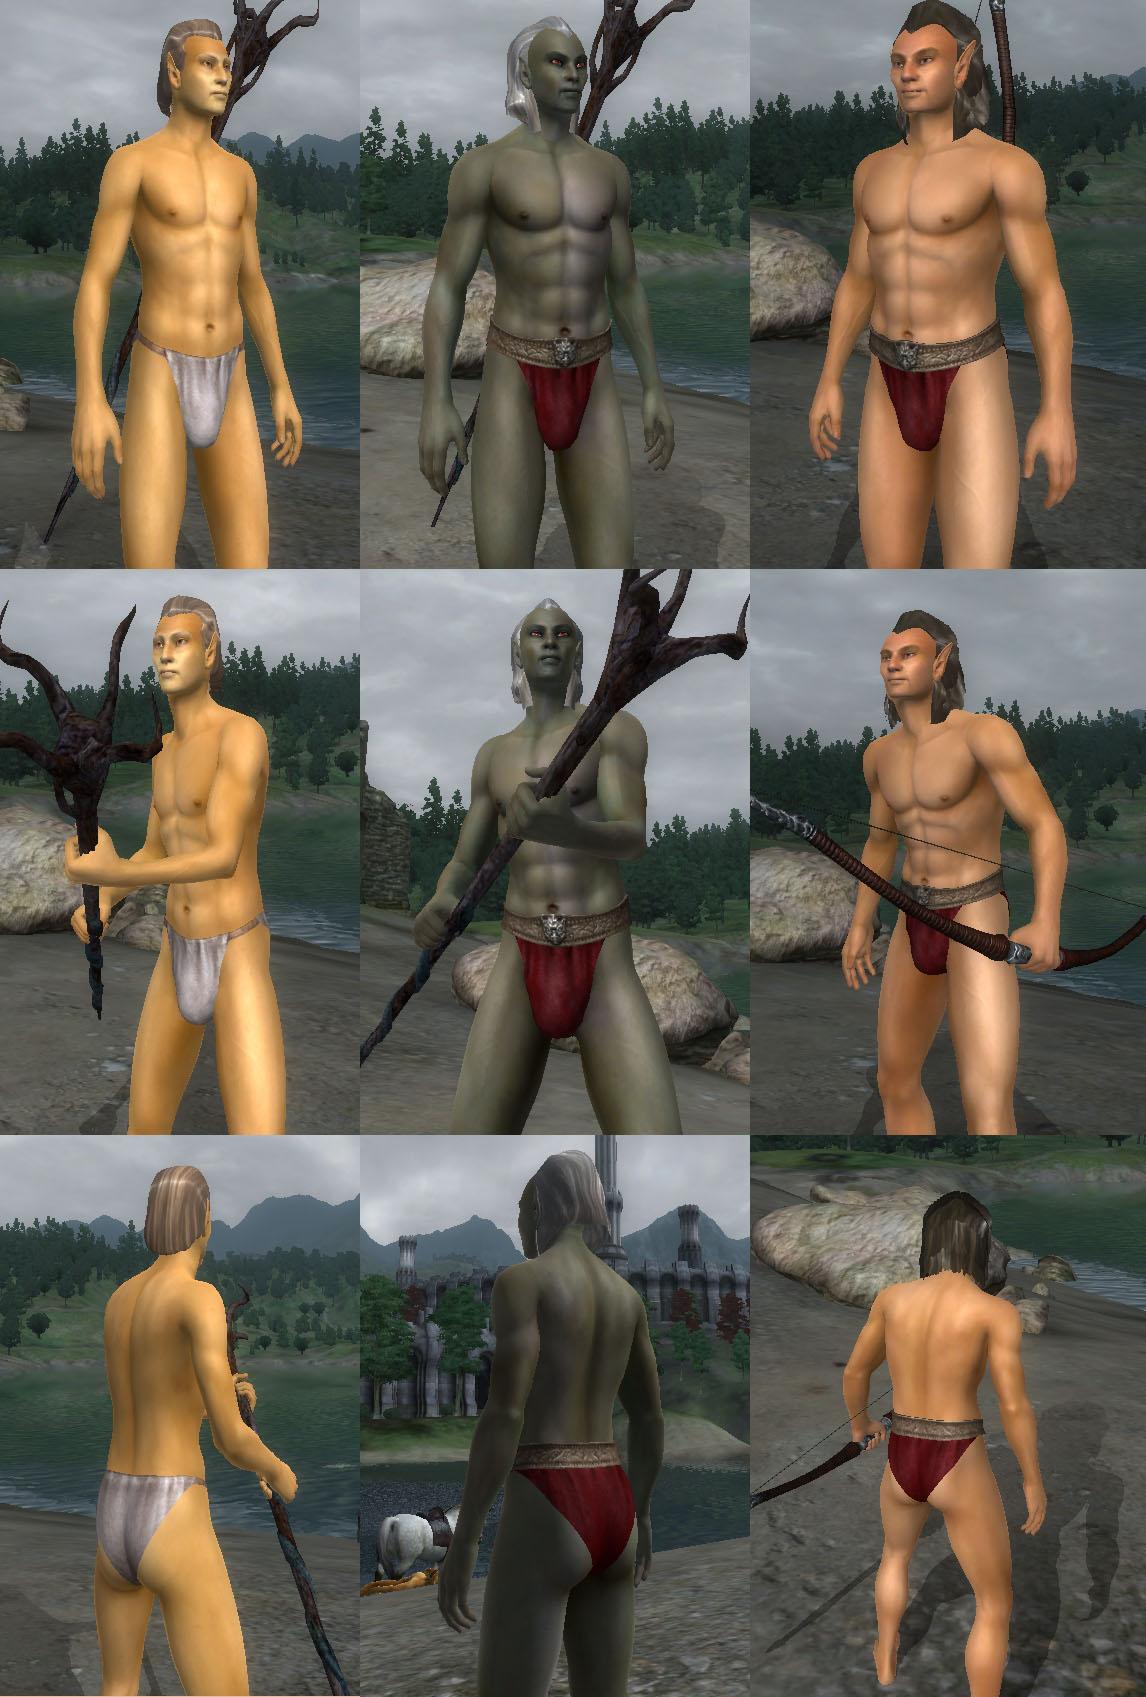 Truth or dare cousin nude